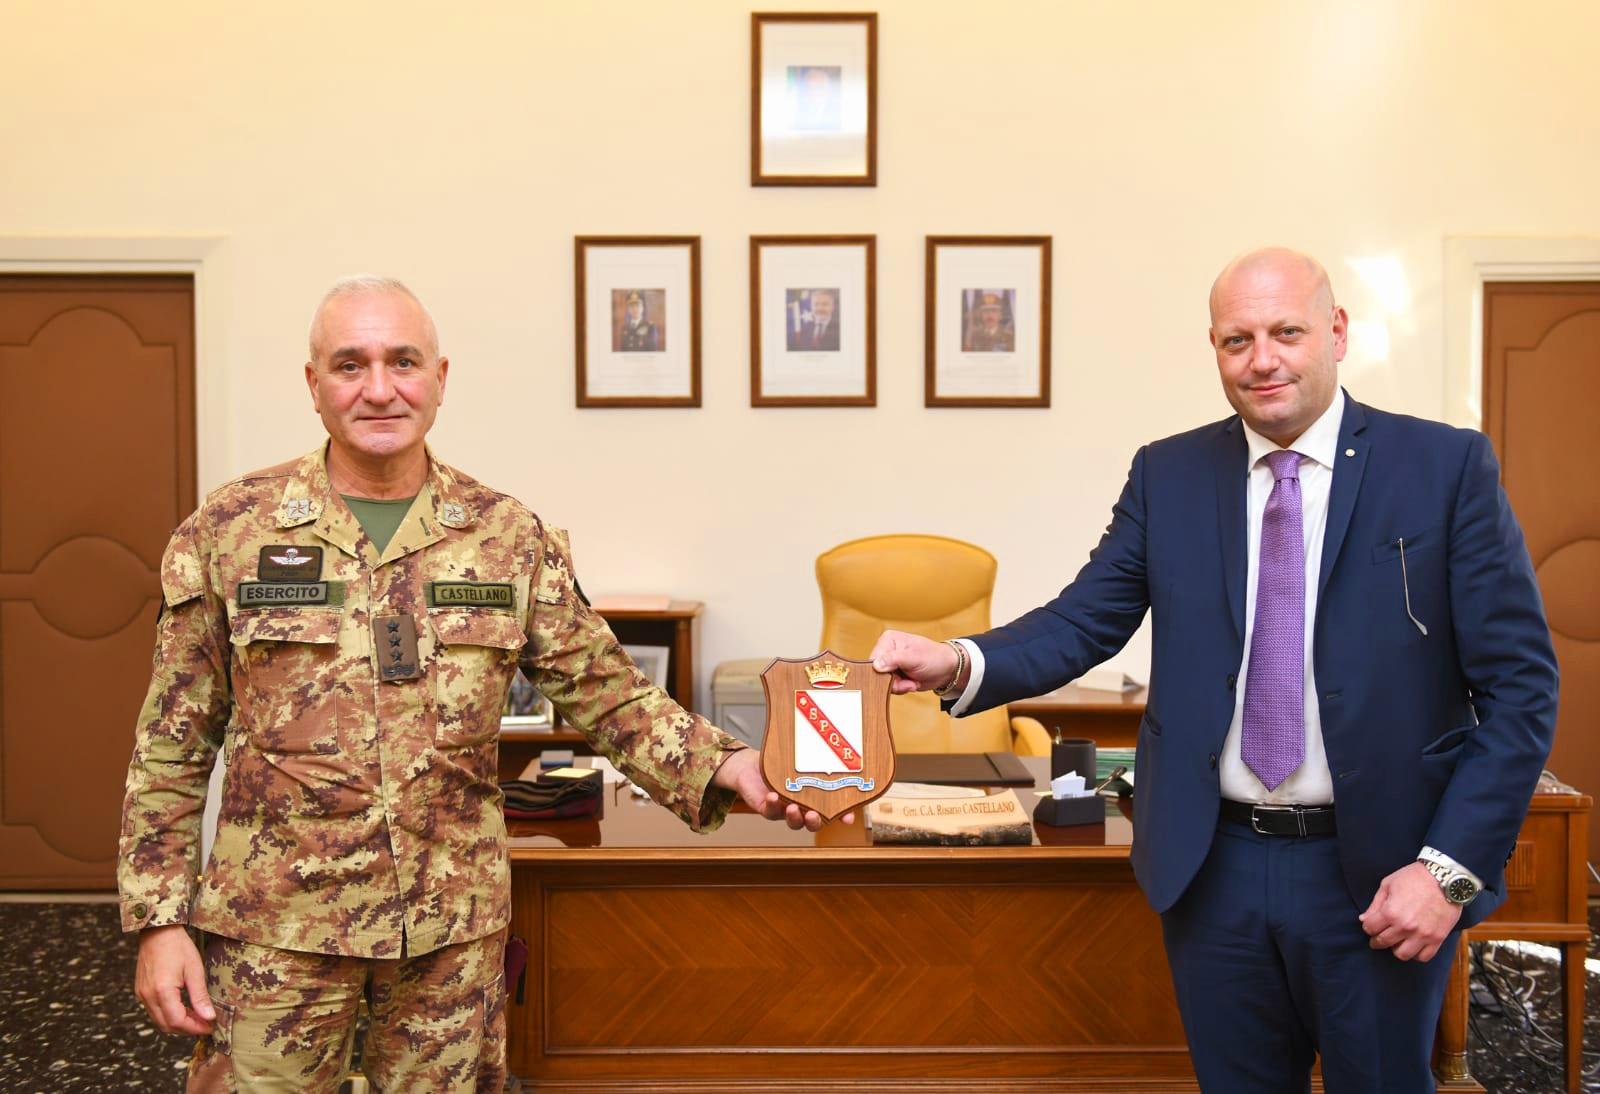 Progetto 'Sbocchi occupazionali', incontro a Roma tra il presidente della Union Security Iovinella e il generale Castellano